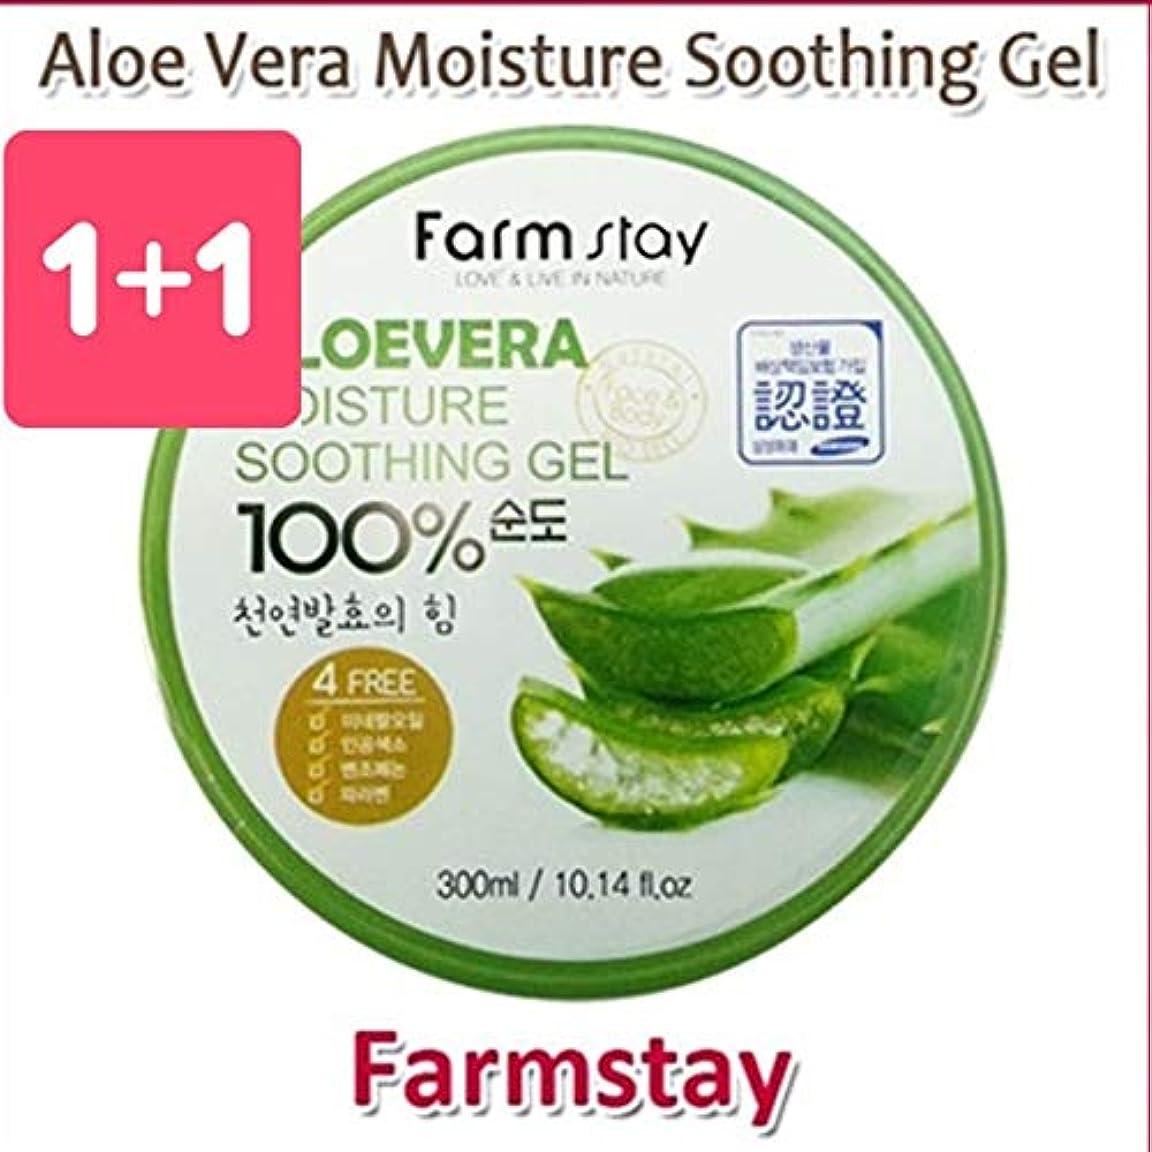 。破滅マウスピースFarm Stay Aloe Vera Moisture Soothing Gel 300ml 1+1 Big Sale/オーガニック アロエベラゲル 100%/保湿ケア/韓国コスメ/Aloe Vera 100% /Moisturizing...